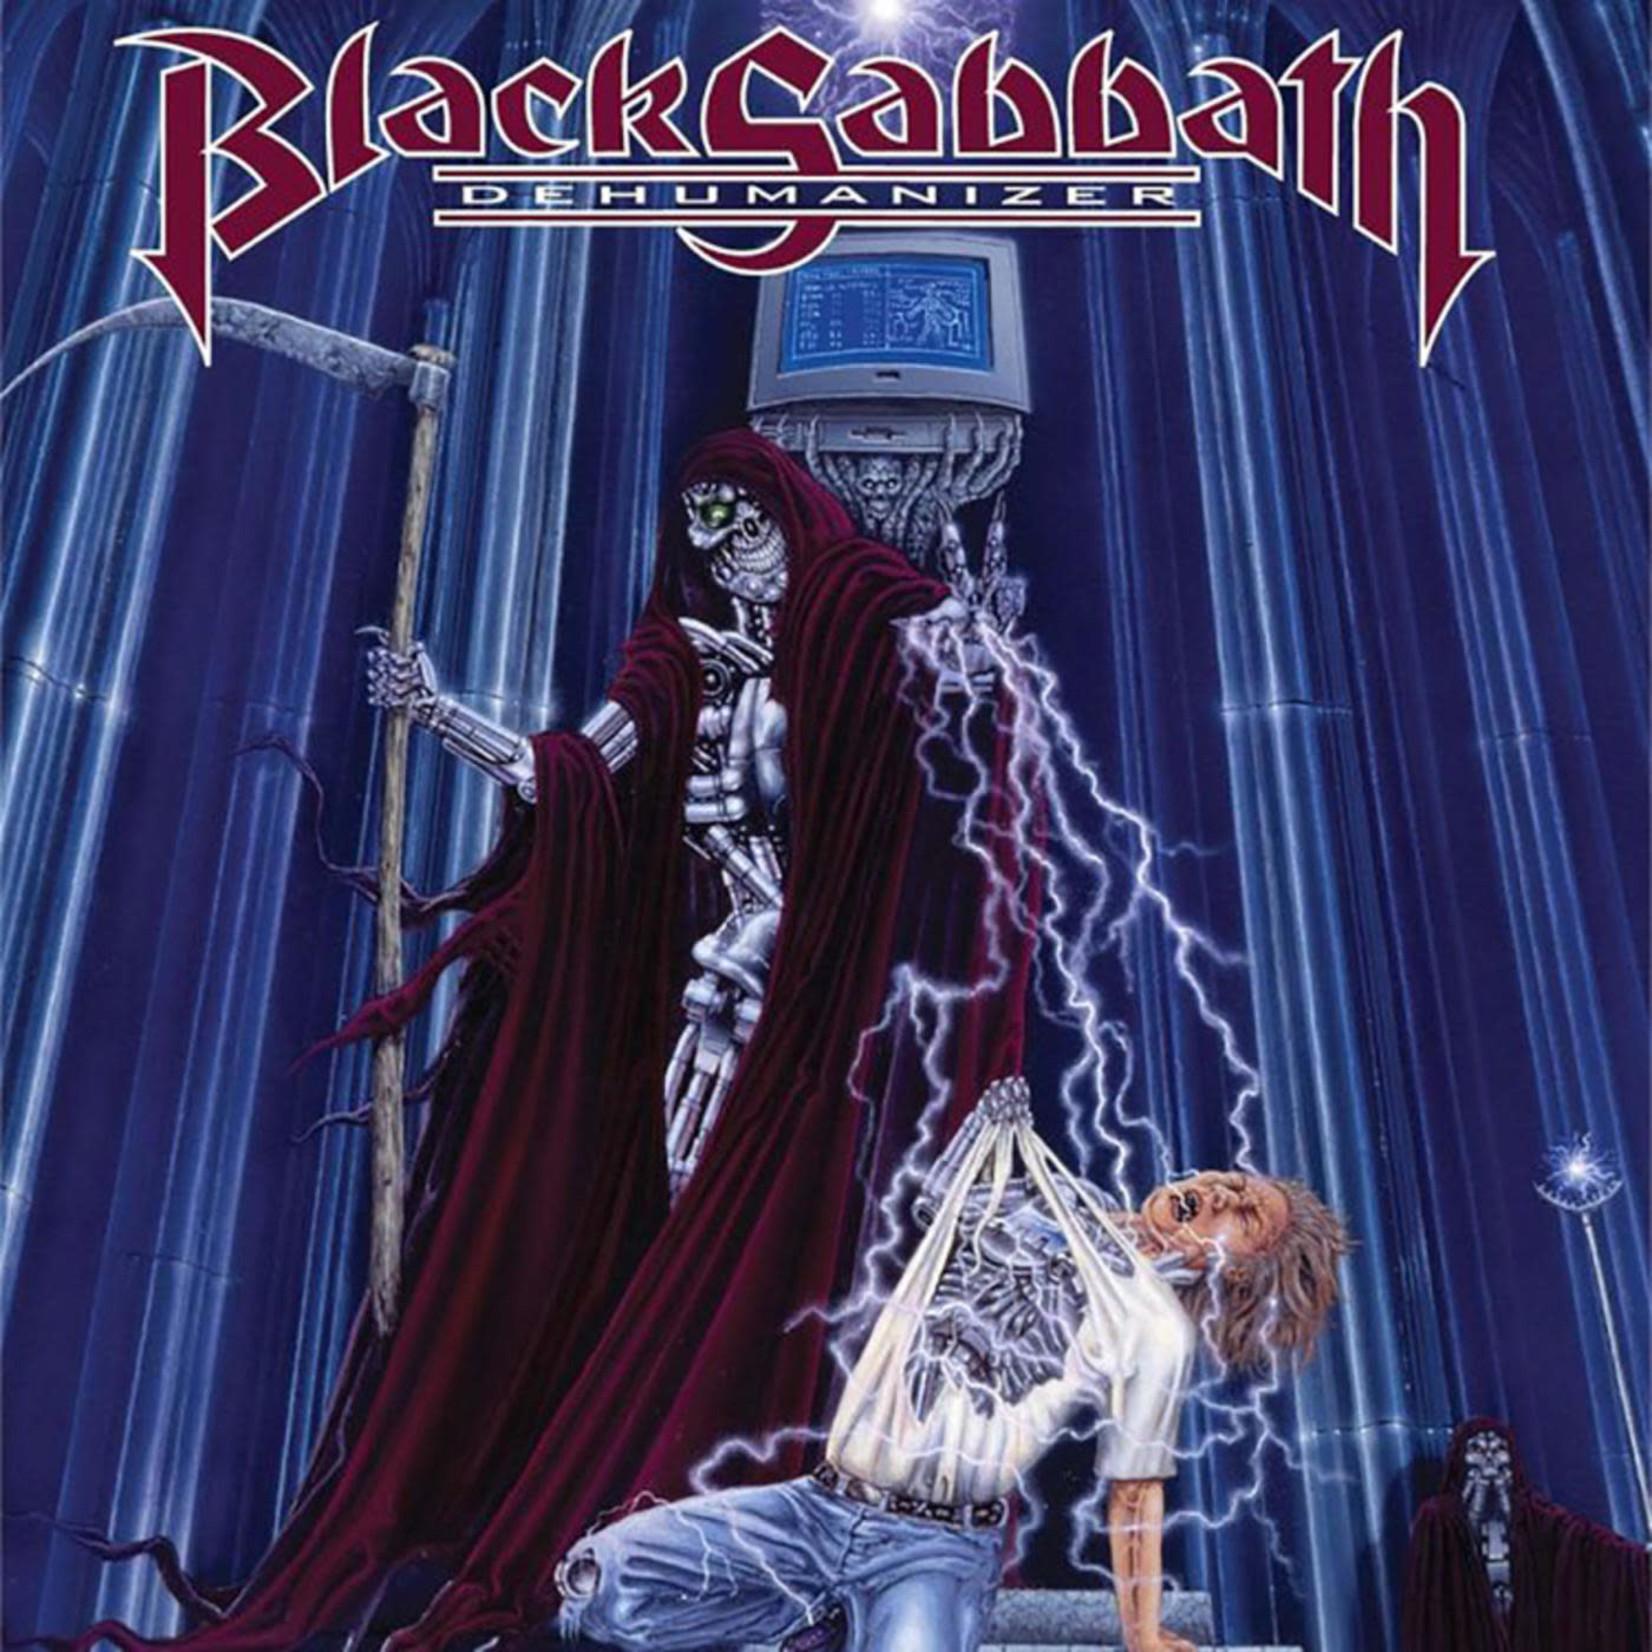 [New] Black Sabbath: Dehumanizer (2LP)